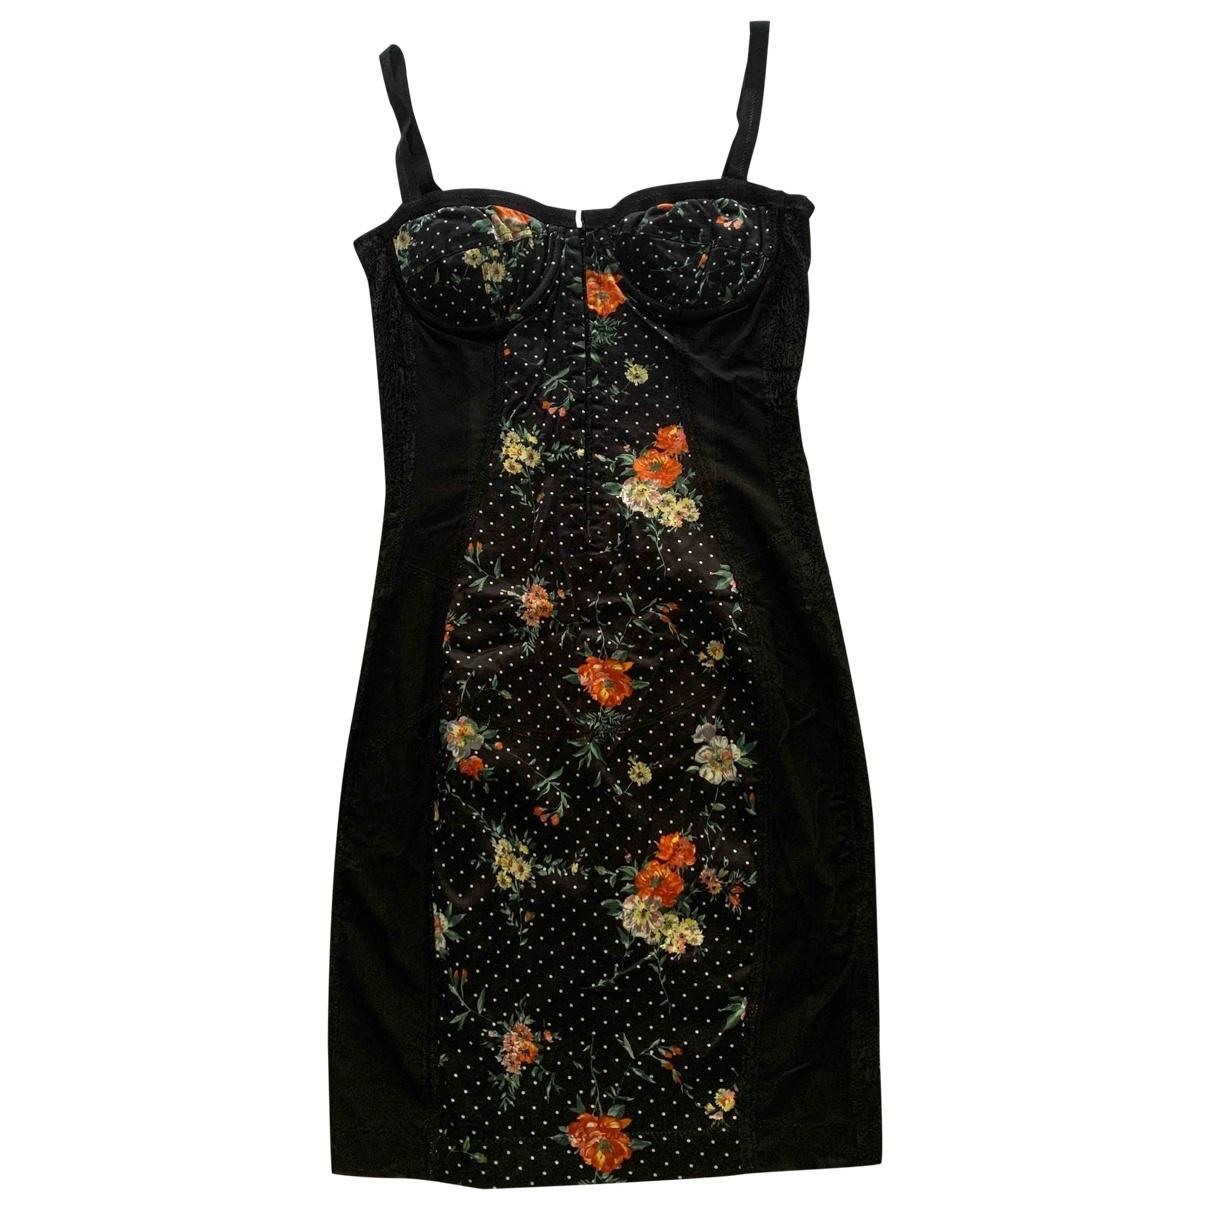 D&g \N Kleid in  Schwarz Baumwolle - Elasthan